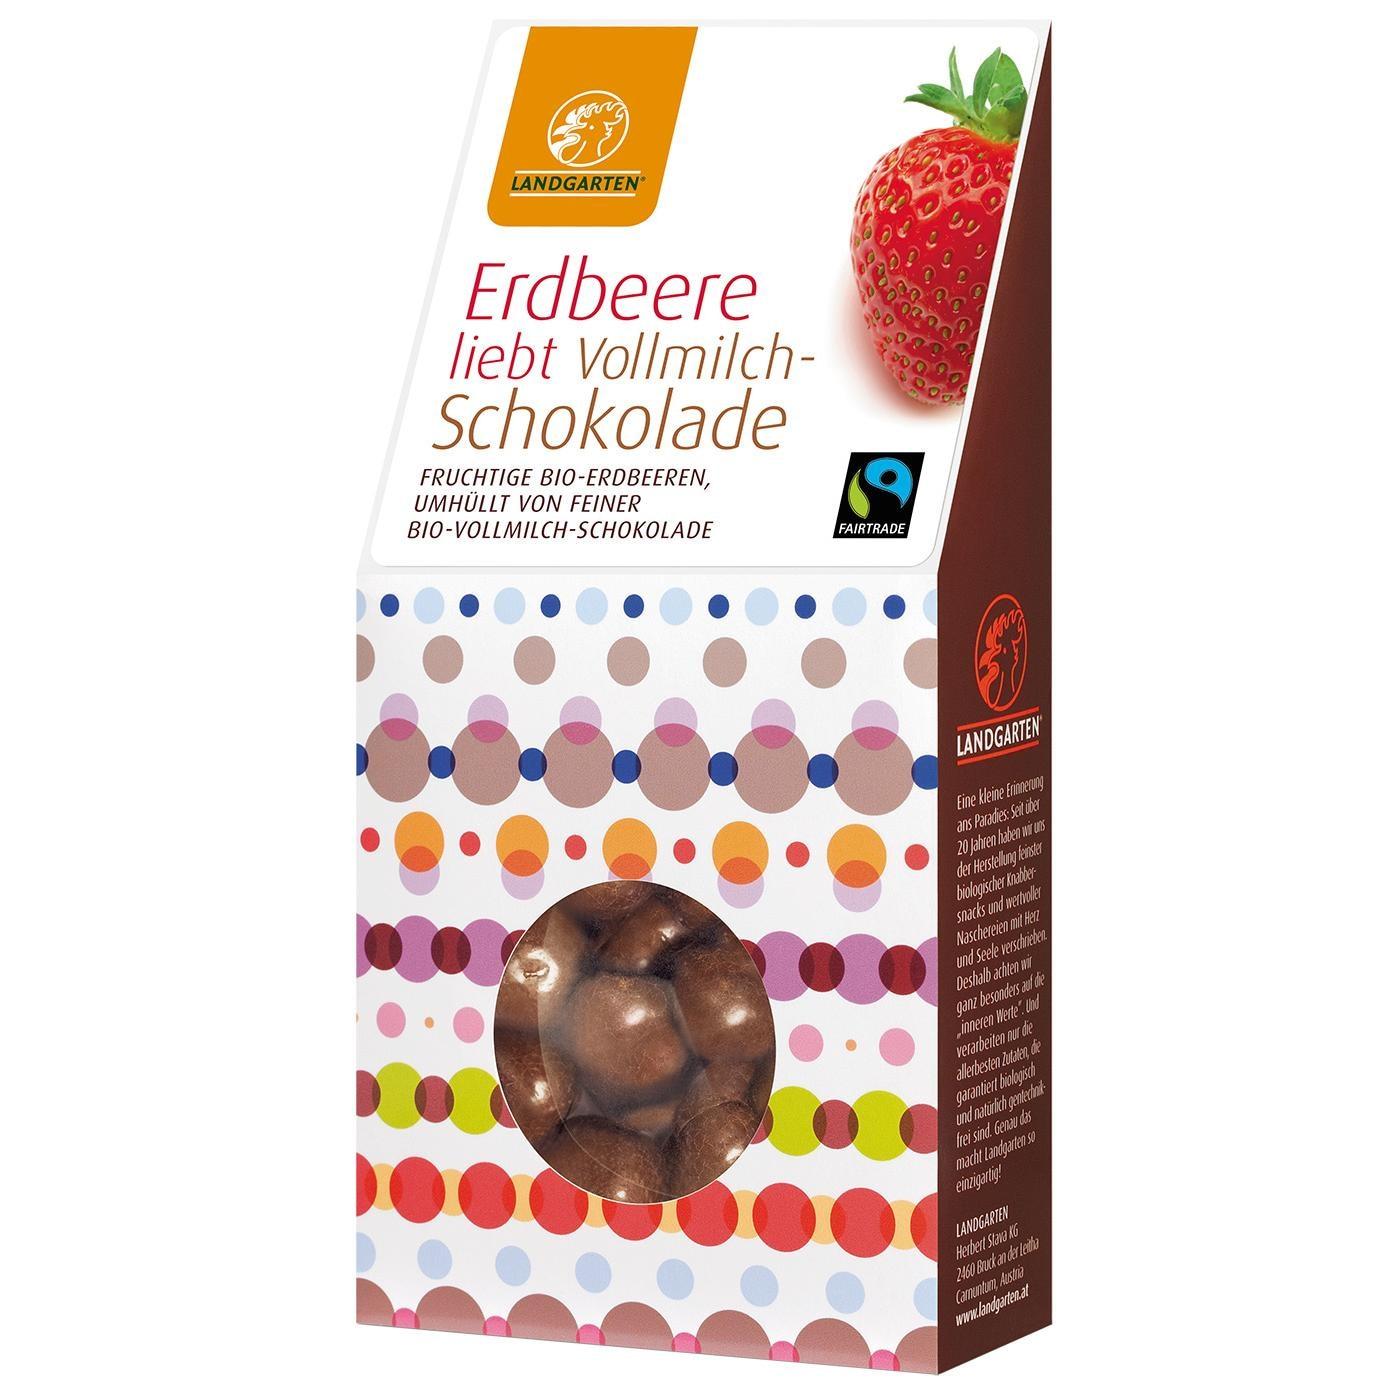 Landgarten Bio Erdbeere liebt Vollmilch-Schokolade 90g